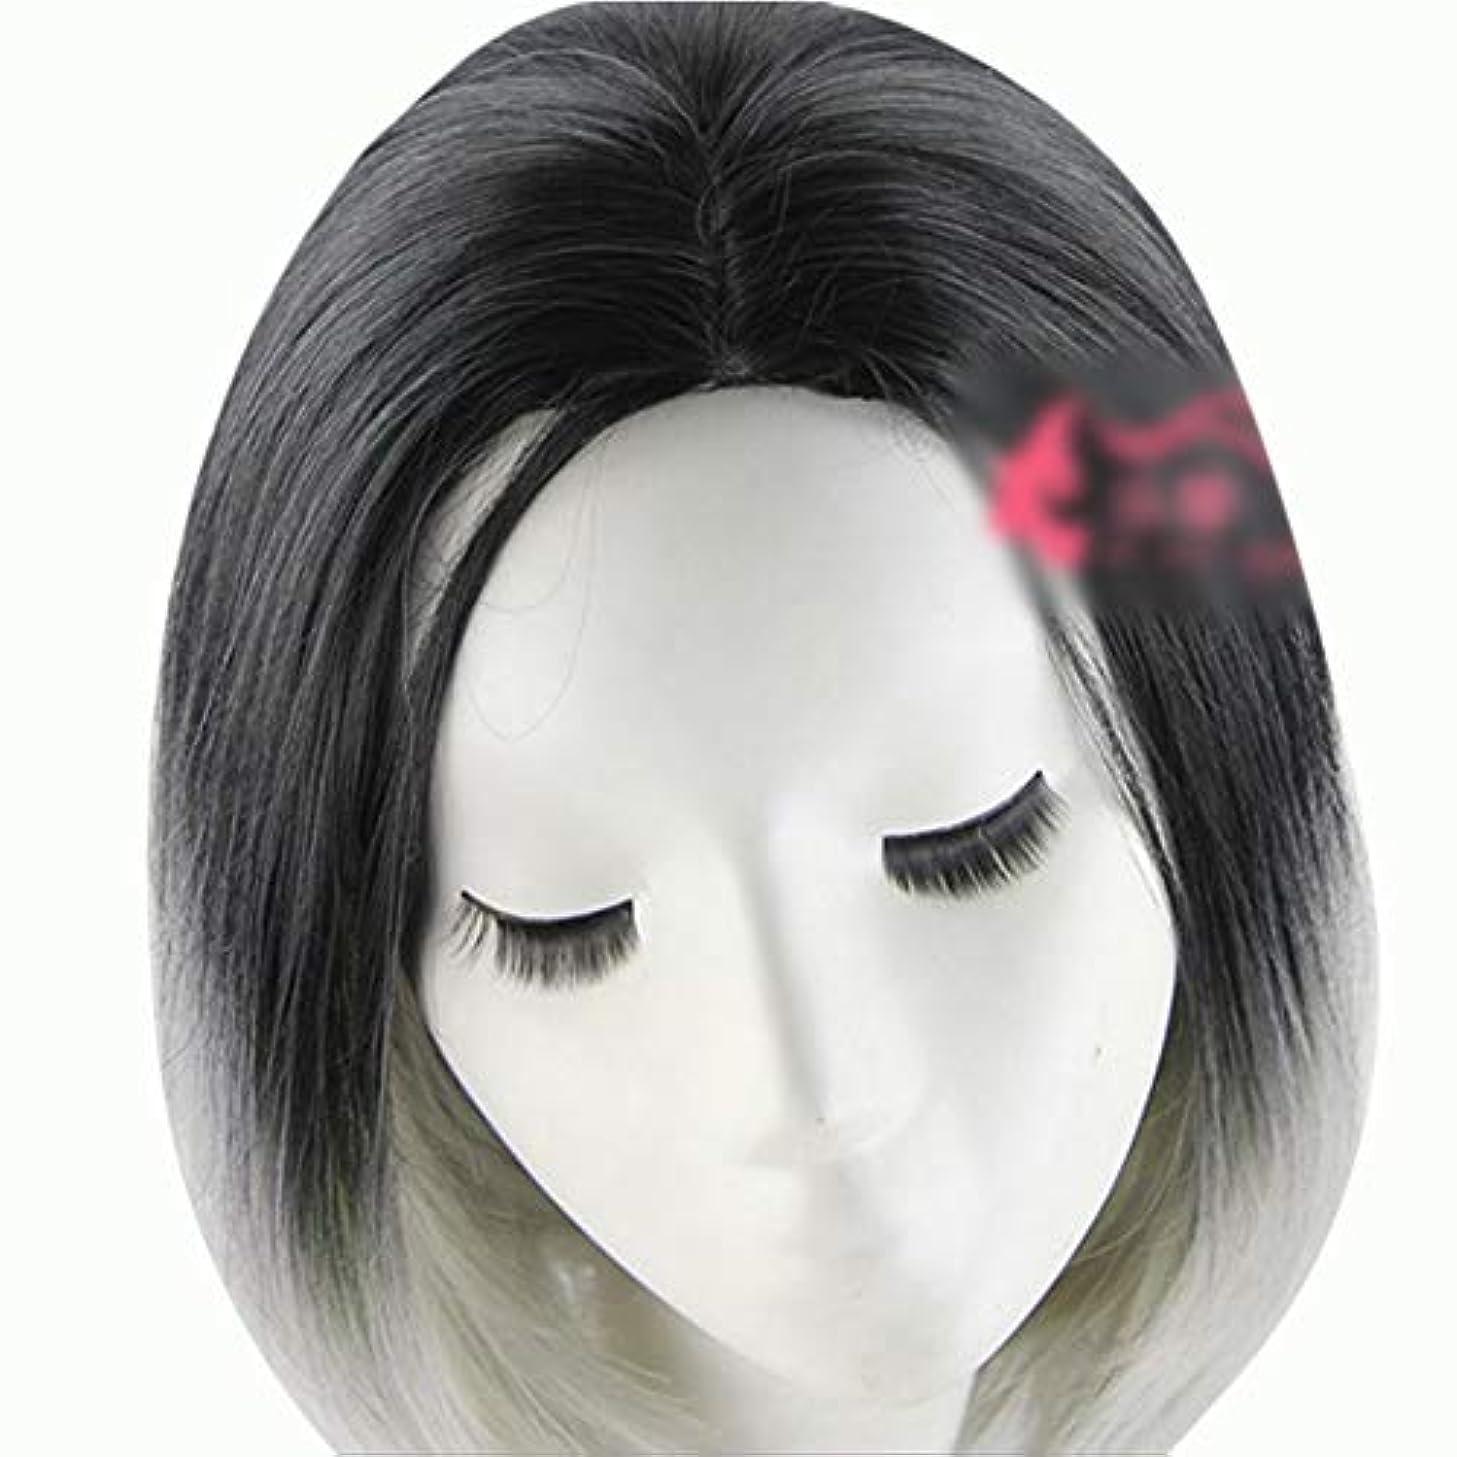 後継野ウサギ作りますWASAIO 人工毛髪グレーダークショートボブヘアウィッグ36cm (色 : グレー)